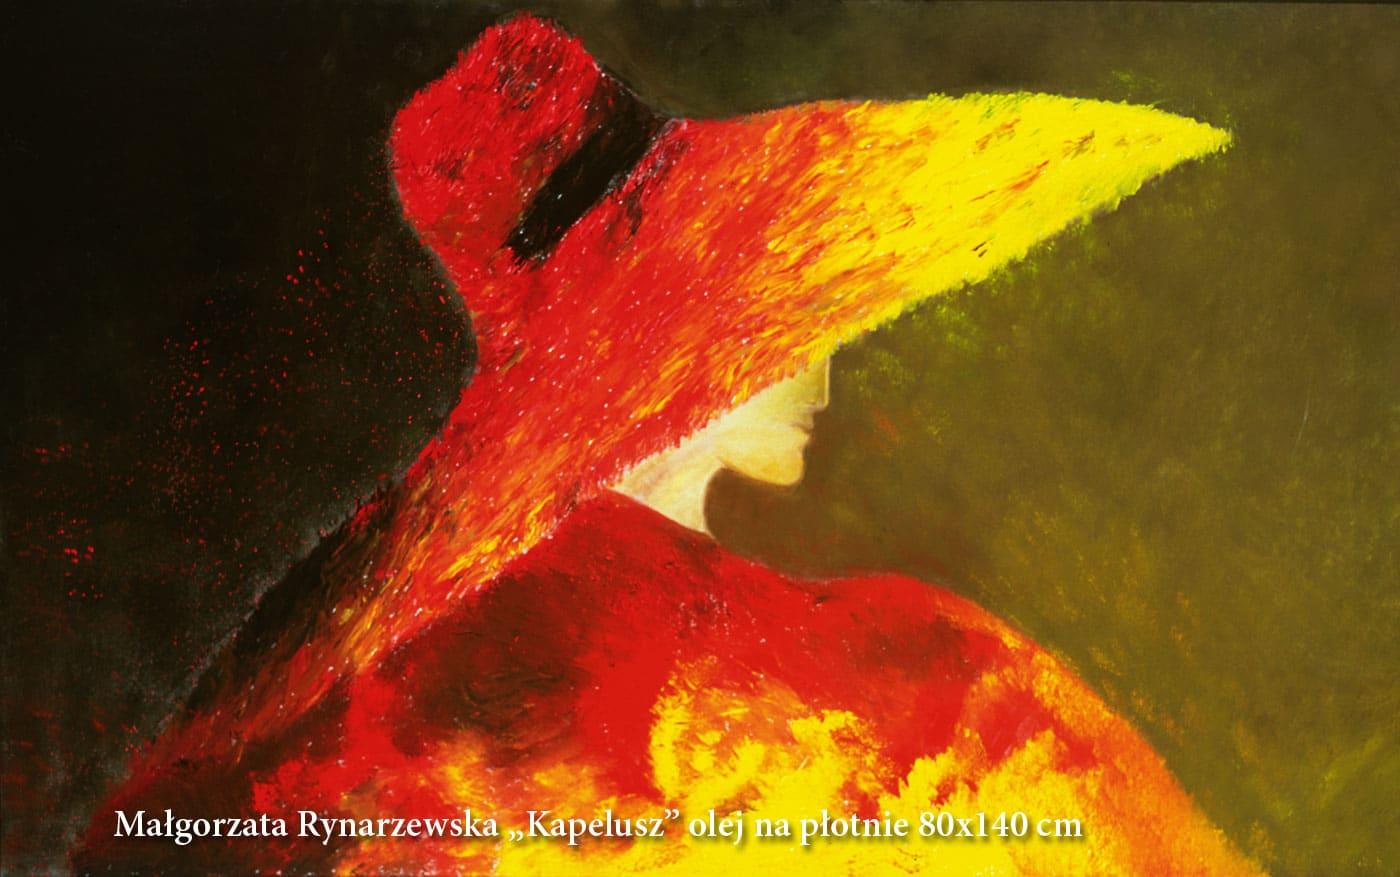 Małgorzata Rynarzewska – Kapelusz